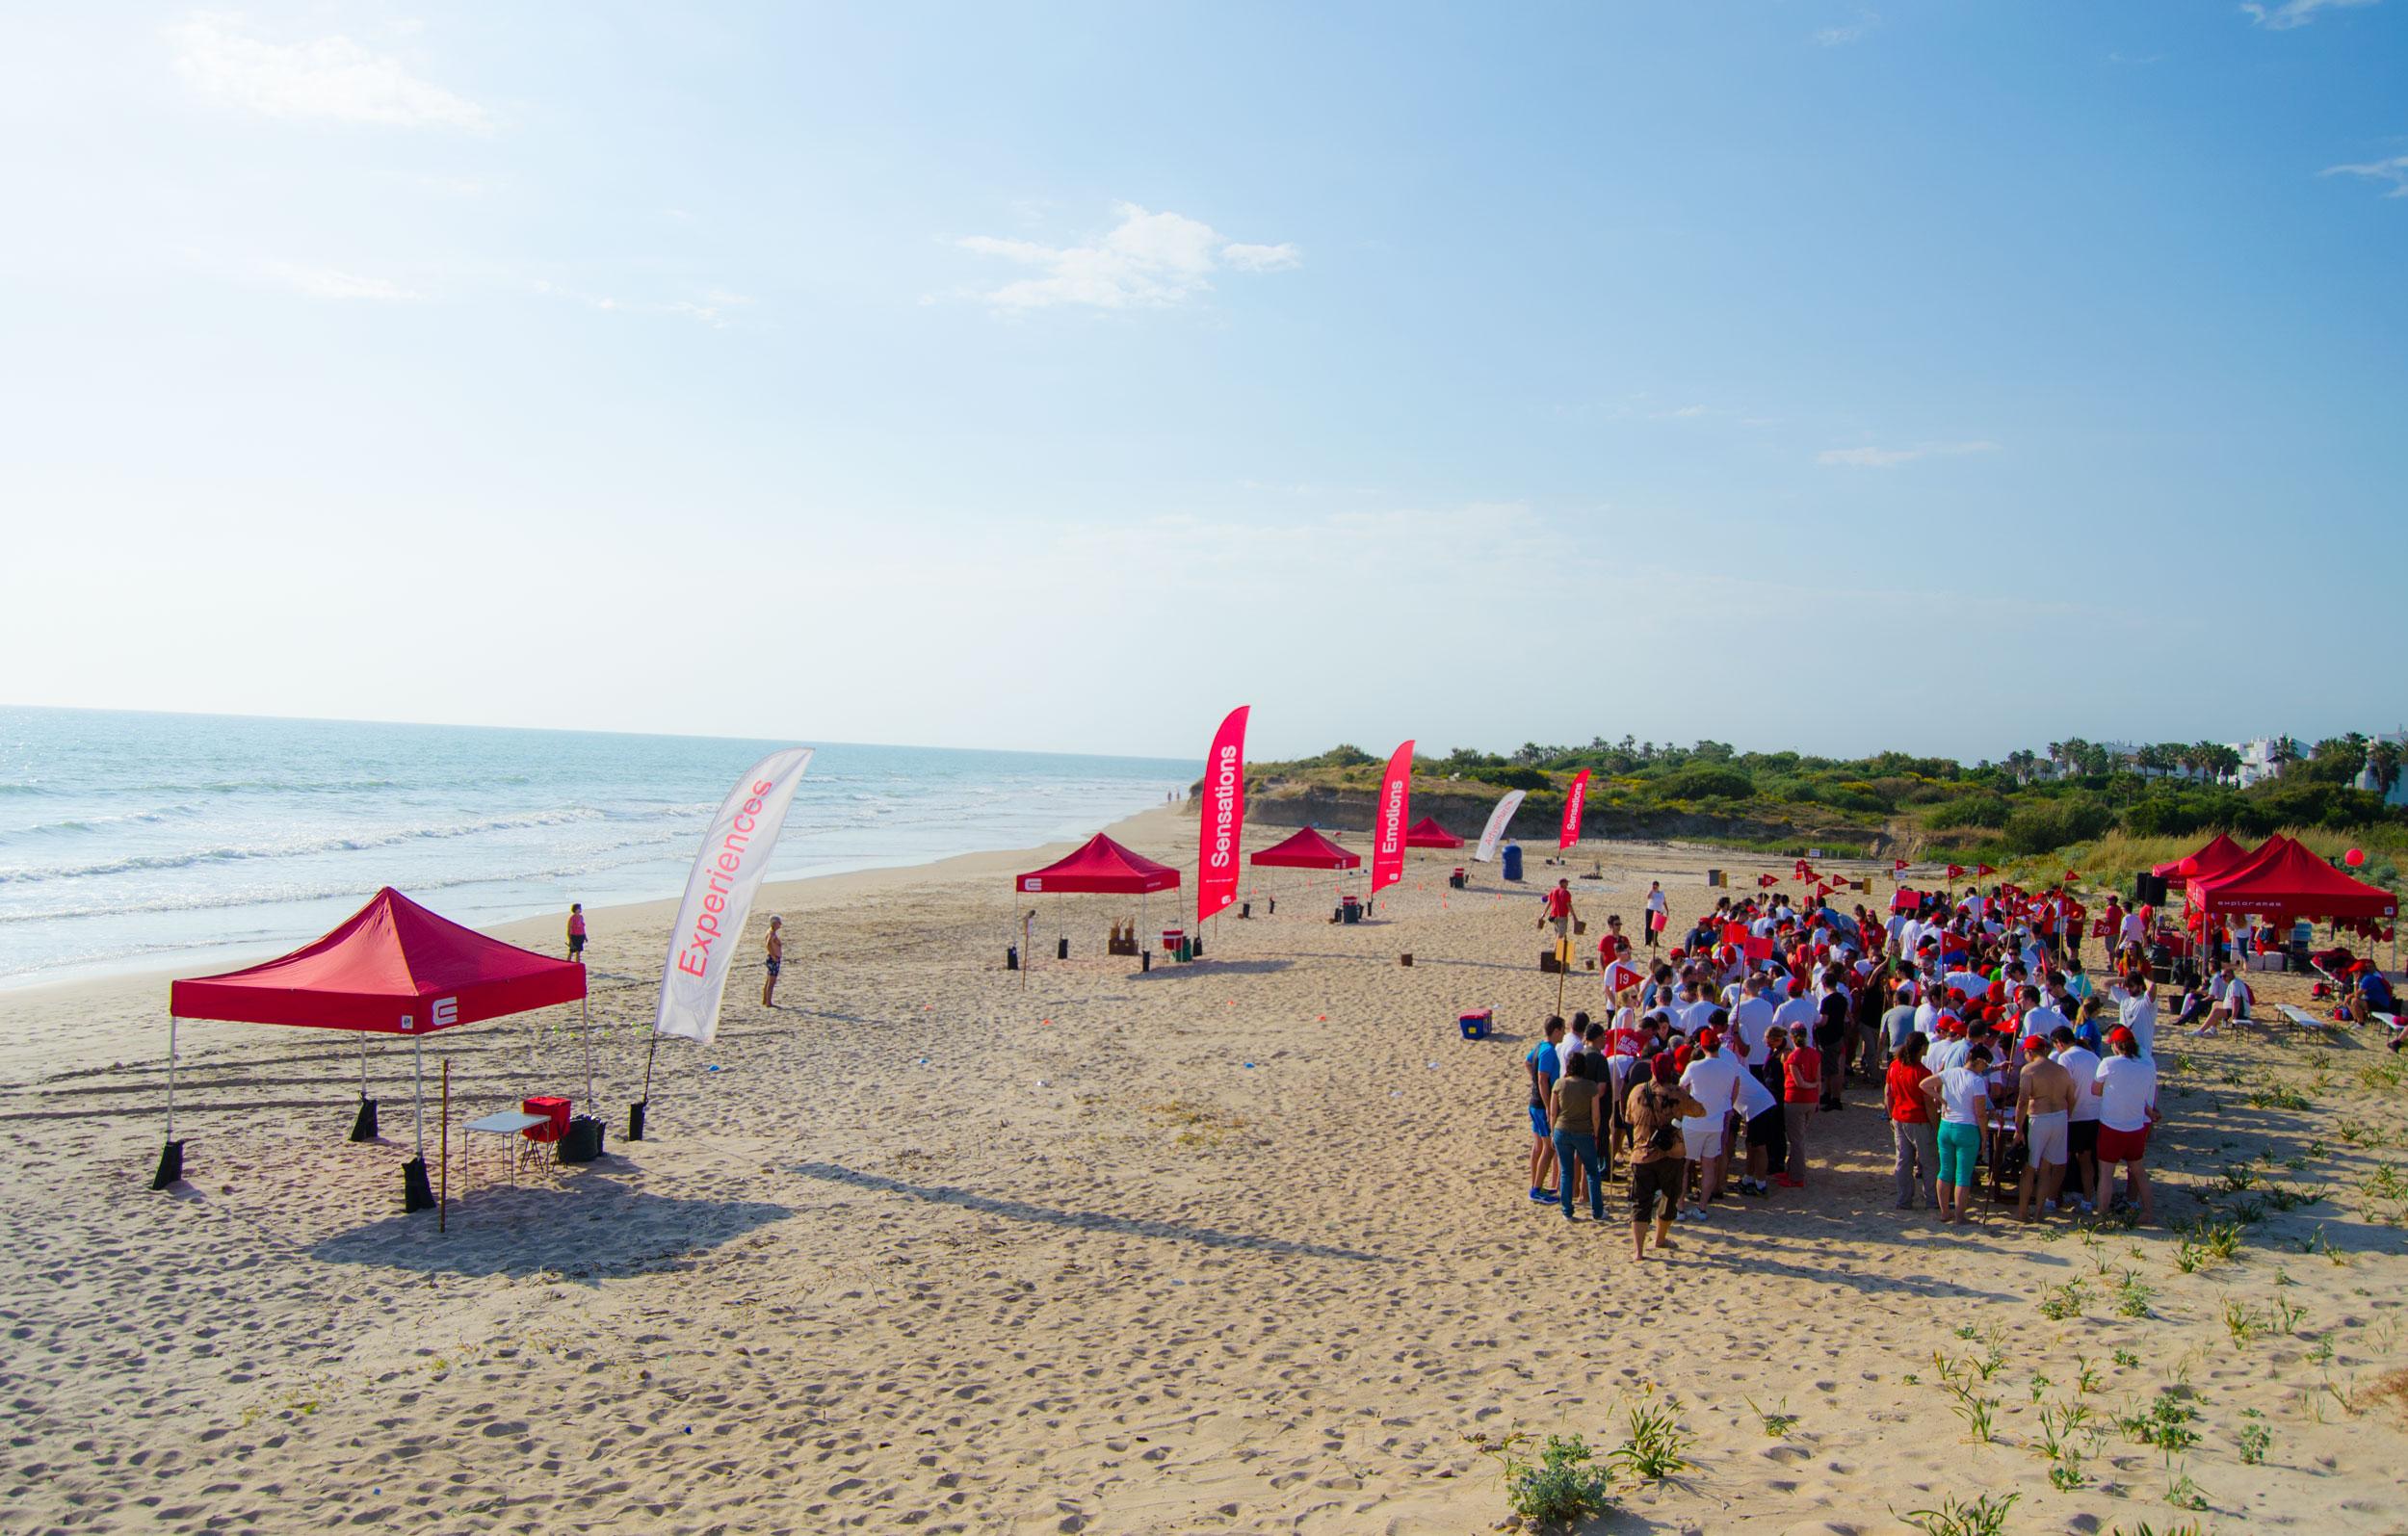 montajes-eventos-team-building-playa-exploramas-18